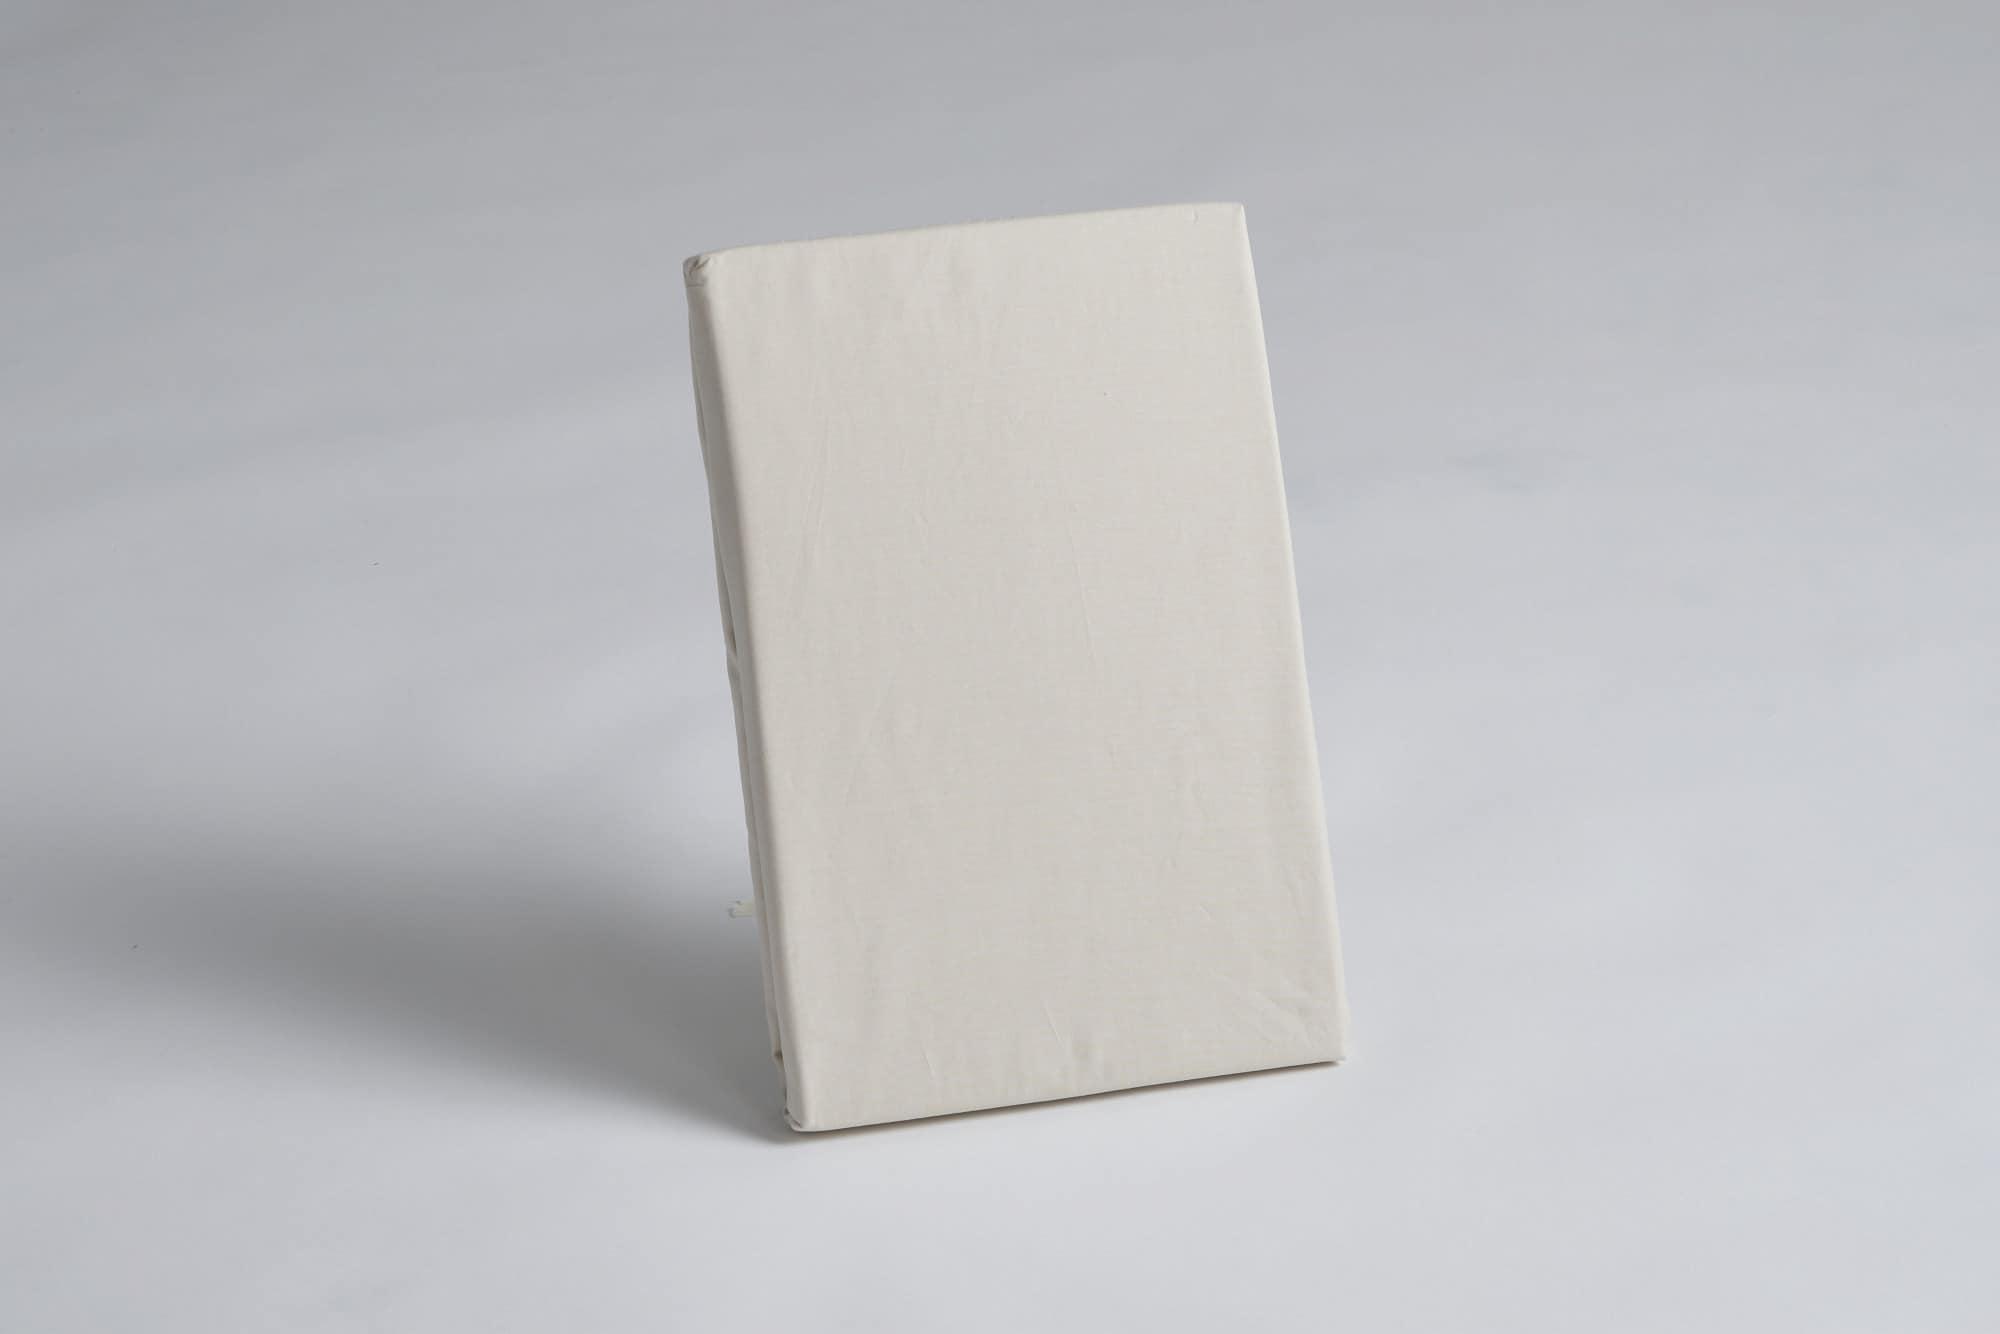 ボックスシーツ セミダブル用 30H ナチュラル:《綿100%を使用したボックスシーツ》